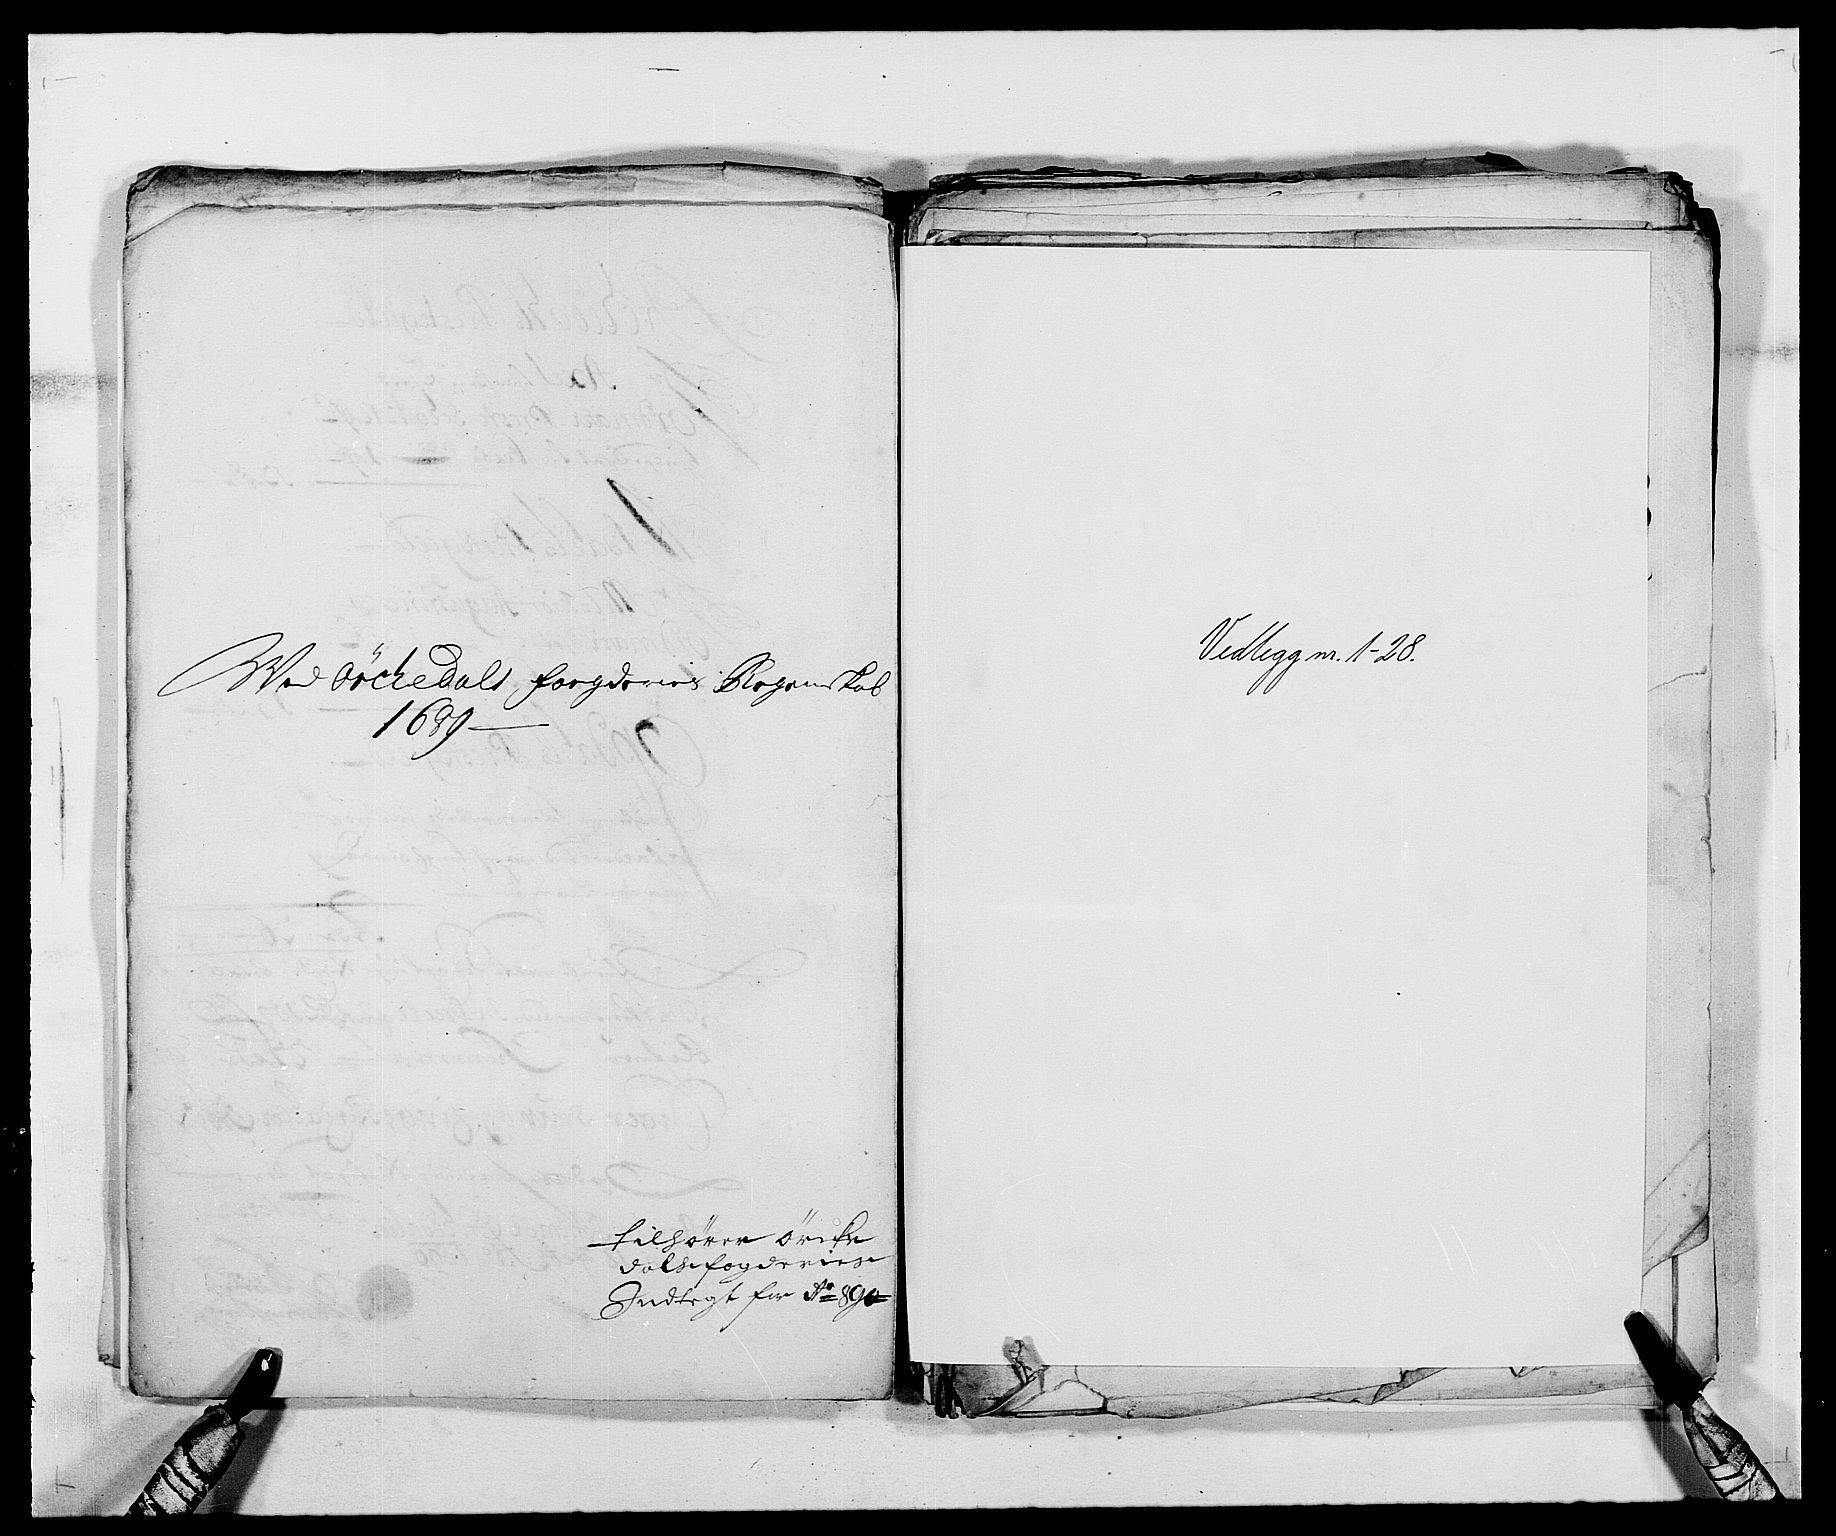 RA, Rentekammeret inntil 1814, Reviderte regnskaper, Fogderegnskap, R58/L3936: Fogderegnskap Orkdal, 1689-1690, s. 181